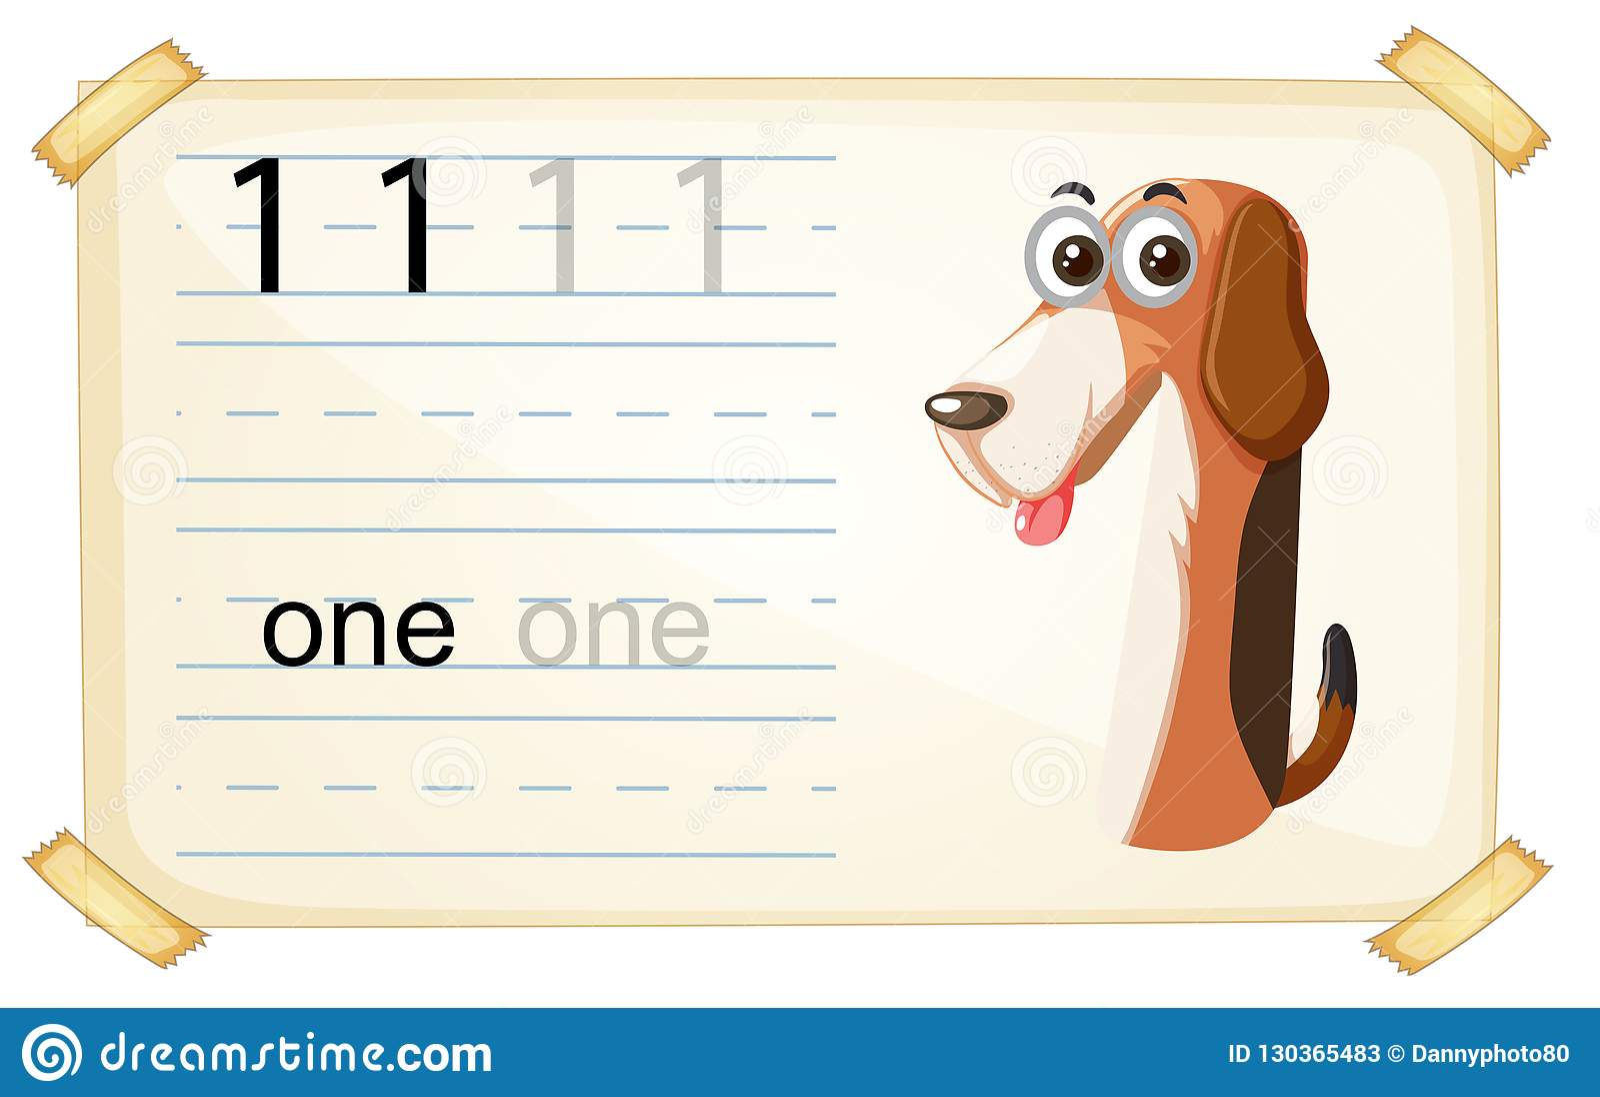 Dog One Number Worksheet Stock Vector Illustration Of